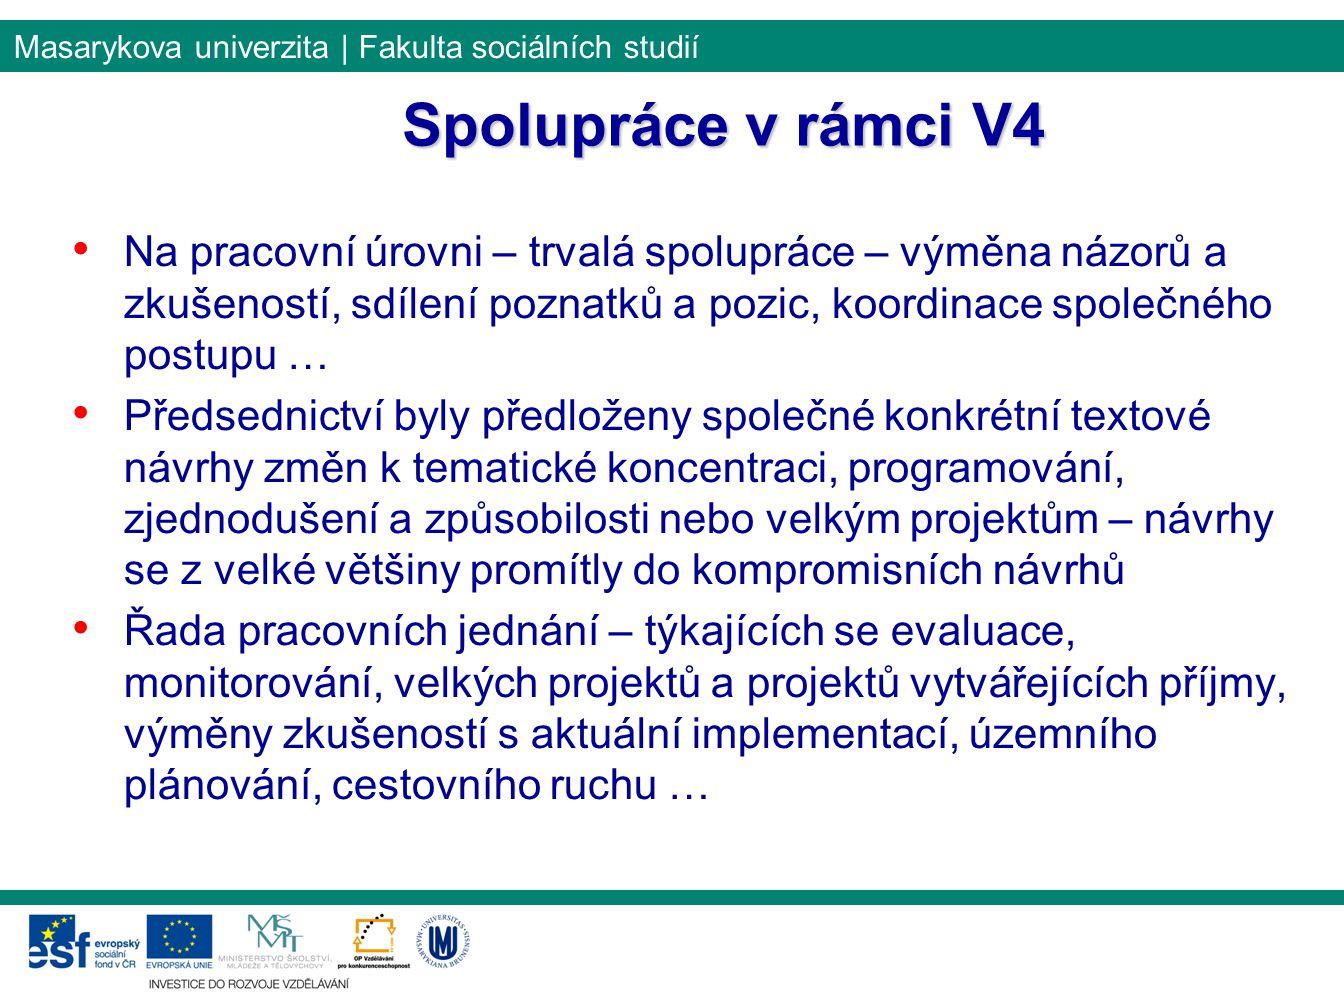 Masarykova univerzita | Fakulta sociálních studií Spolupráce v rámci V4 Na pracovní úrovni – trvalá spolupráce – výměna názorů a zkušeností, sdílení p